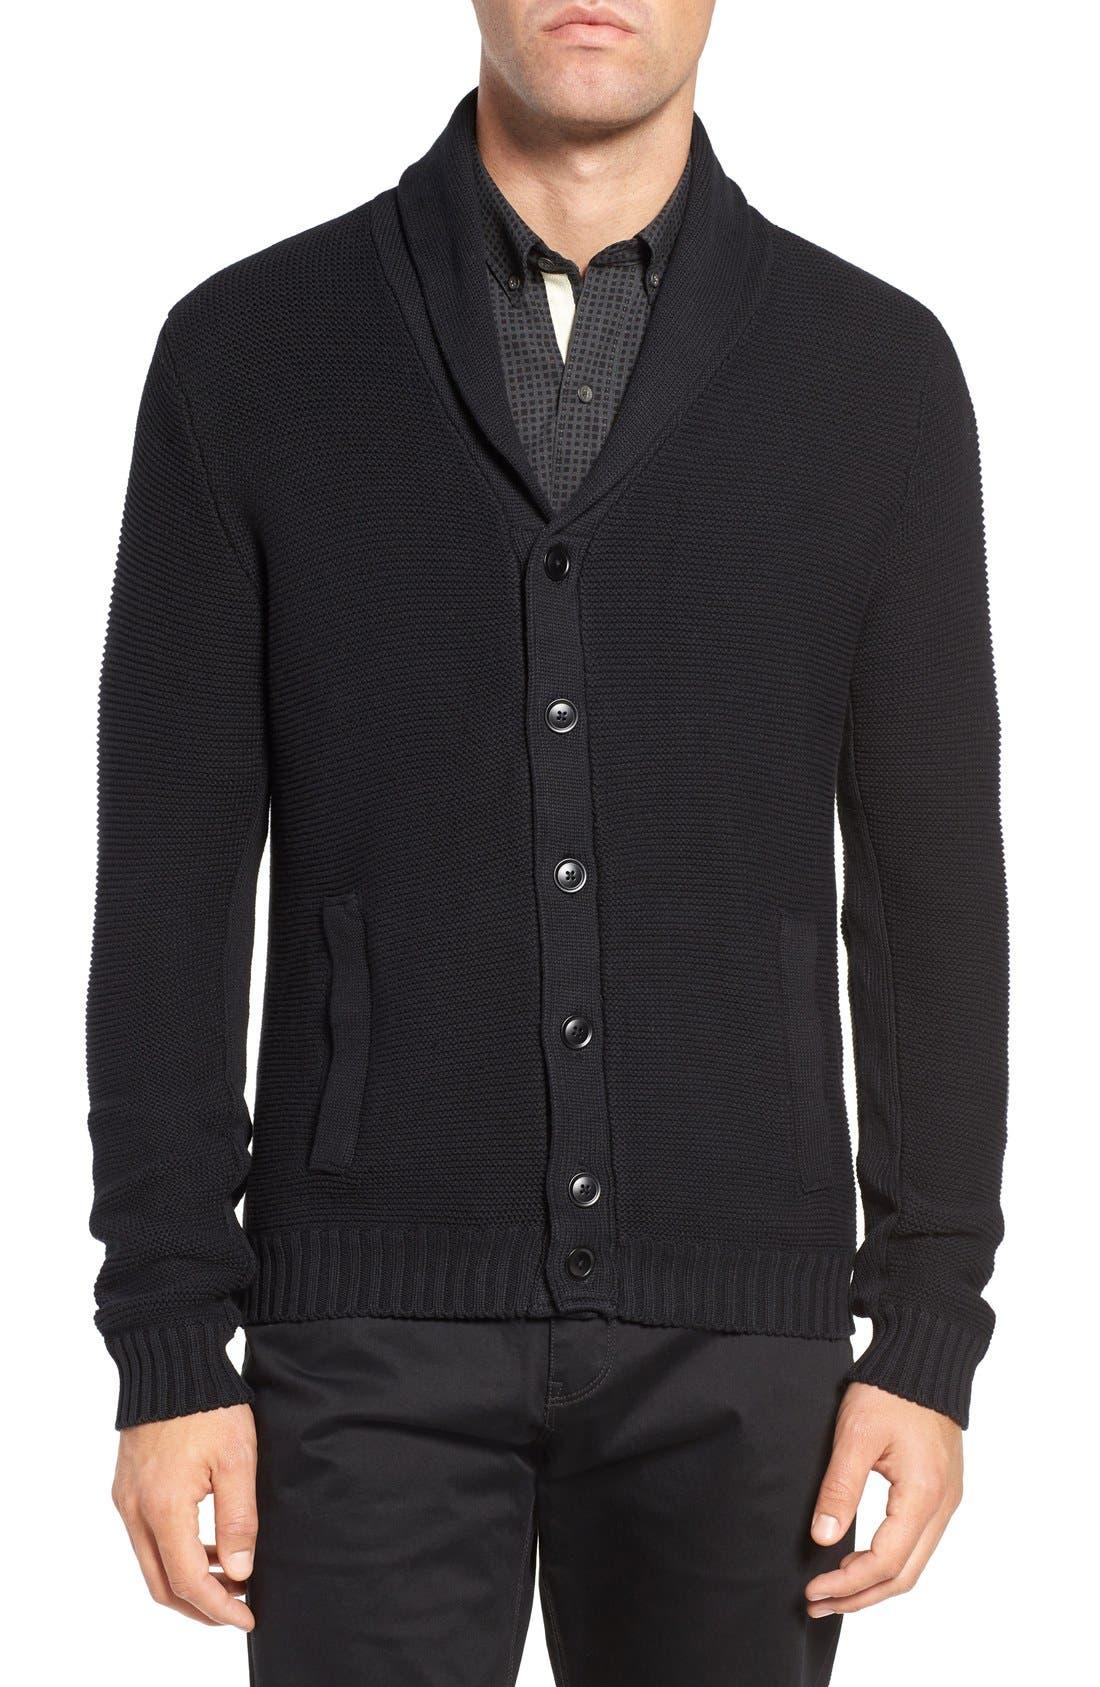 Cypress Cotton Shawl Collar Cardigan,                             Main thumbnail 1, color,